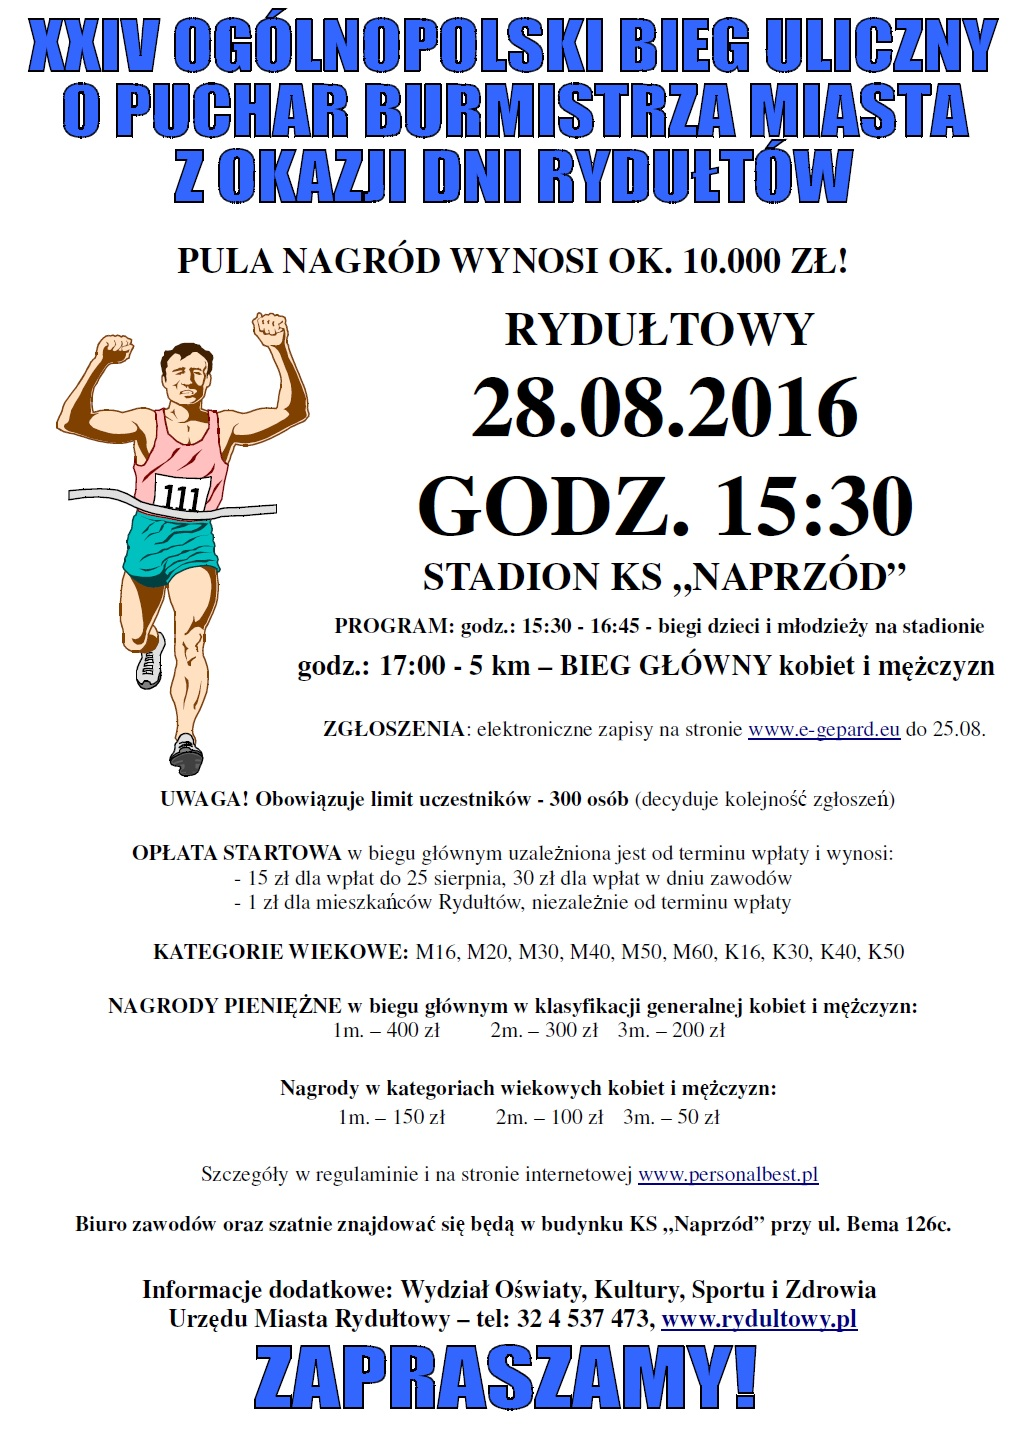 ogolnopolski_bieg_uliczny_o_puchar_burmistrza_miasta_rydultowy